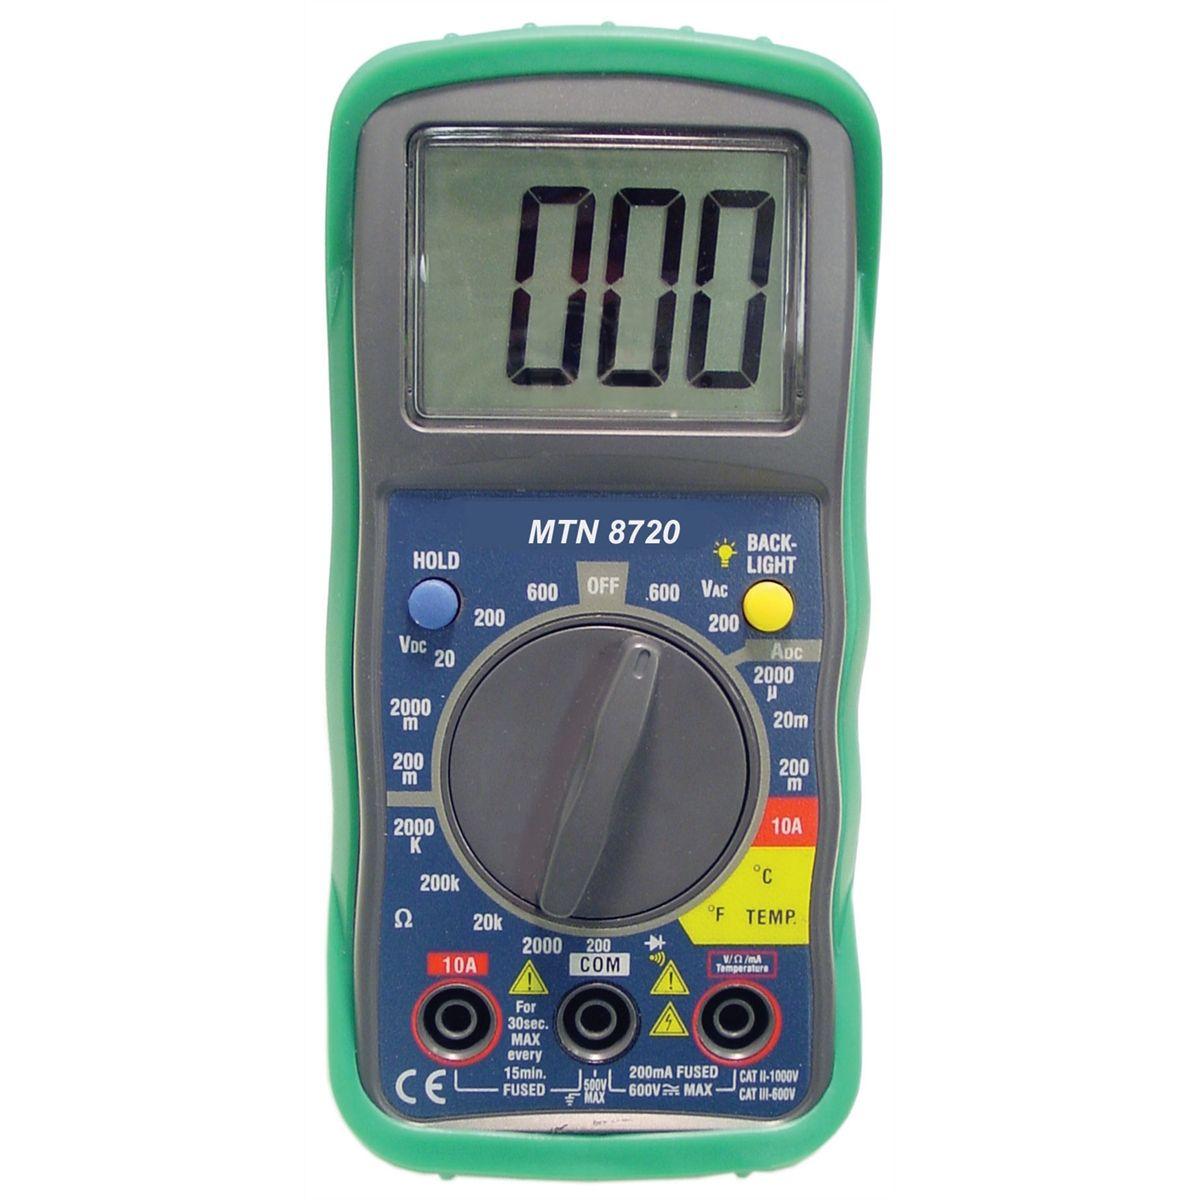 Digital Multimeter Ma : Mountain digital multimeter built in temperature